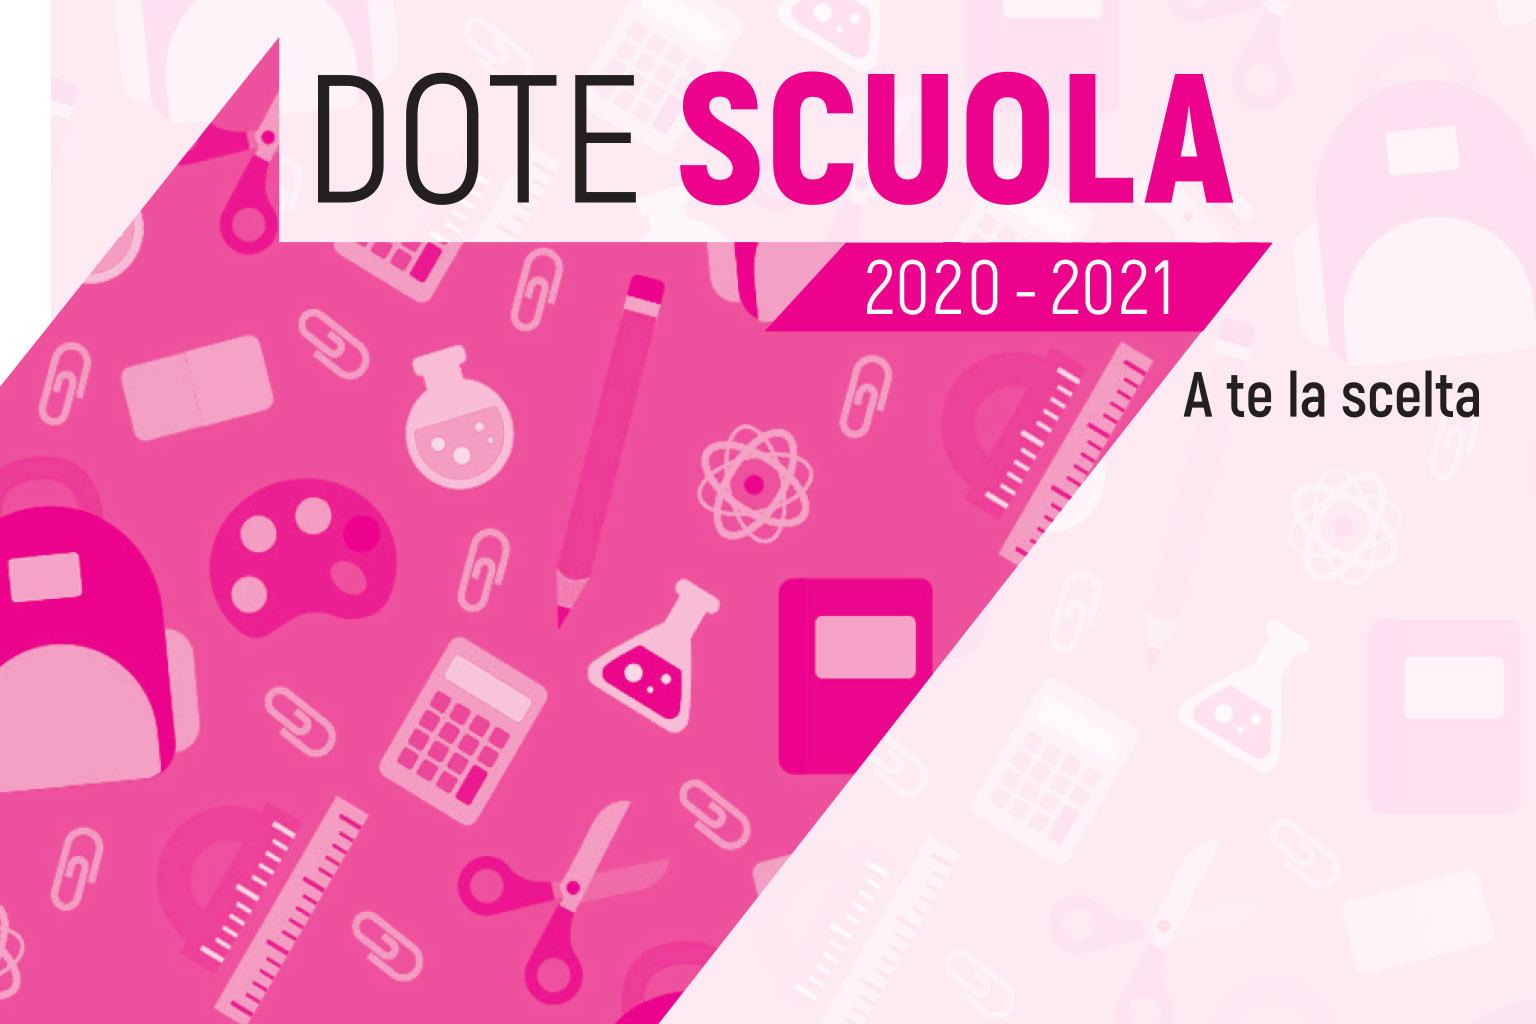 REGIONE LOMBARDIA - DOTE SCUOLA 2020/2021